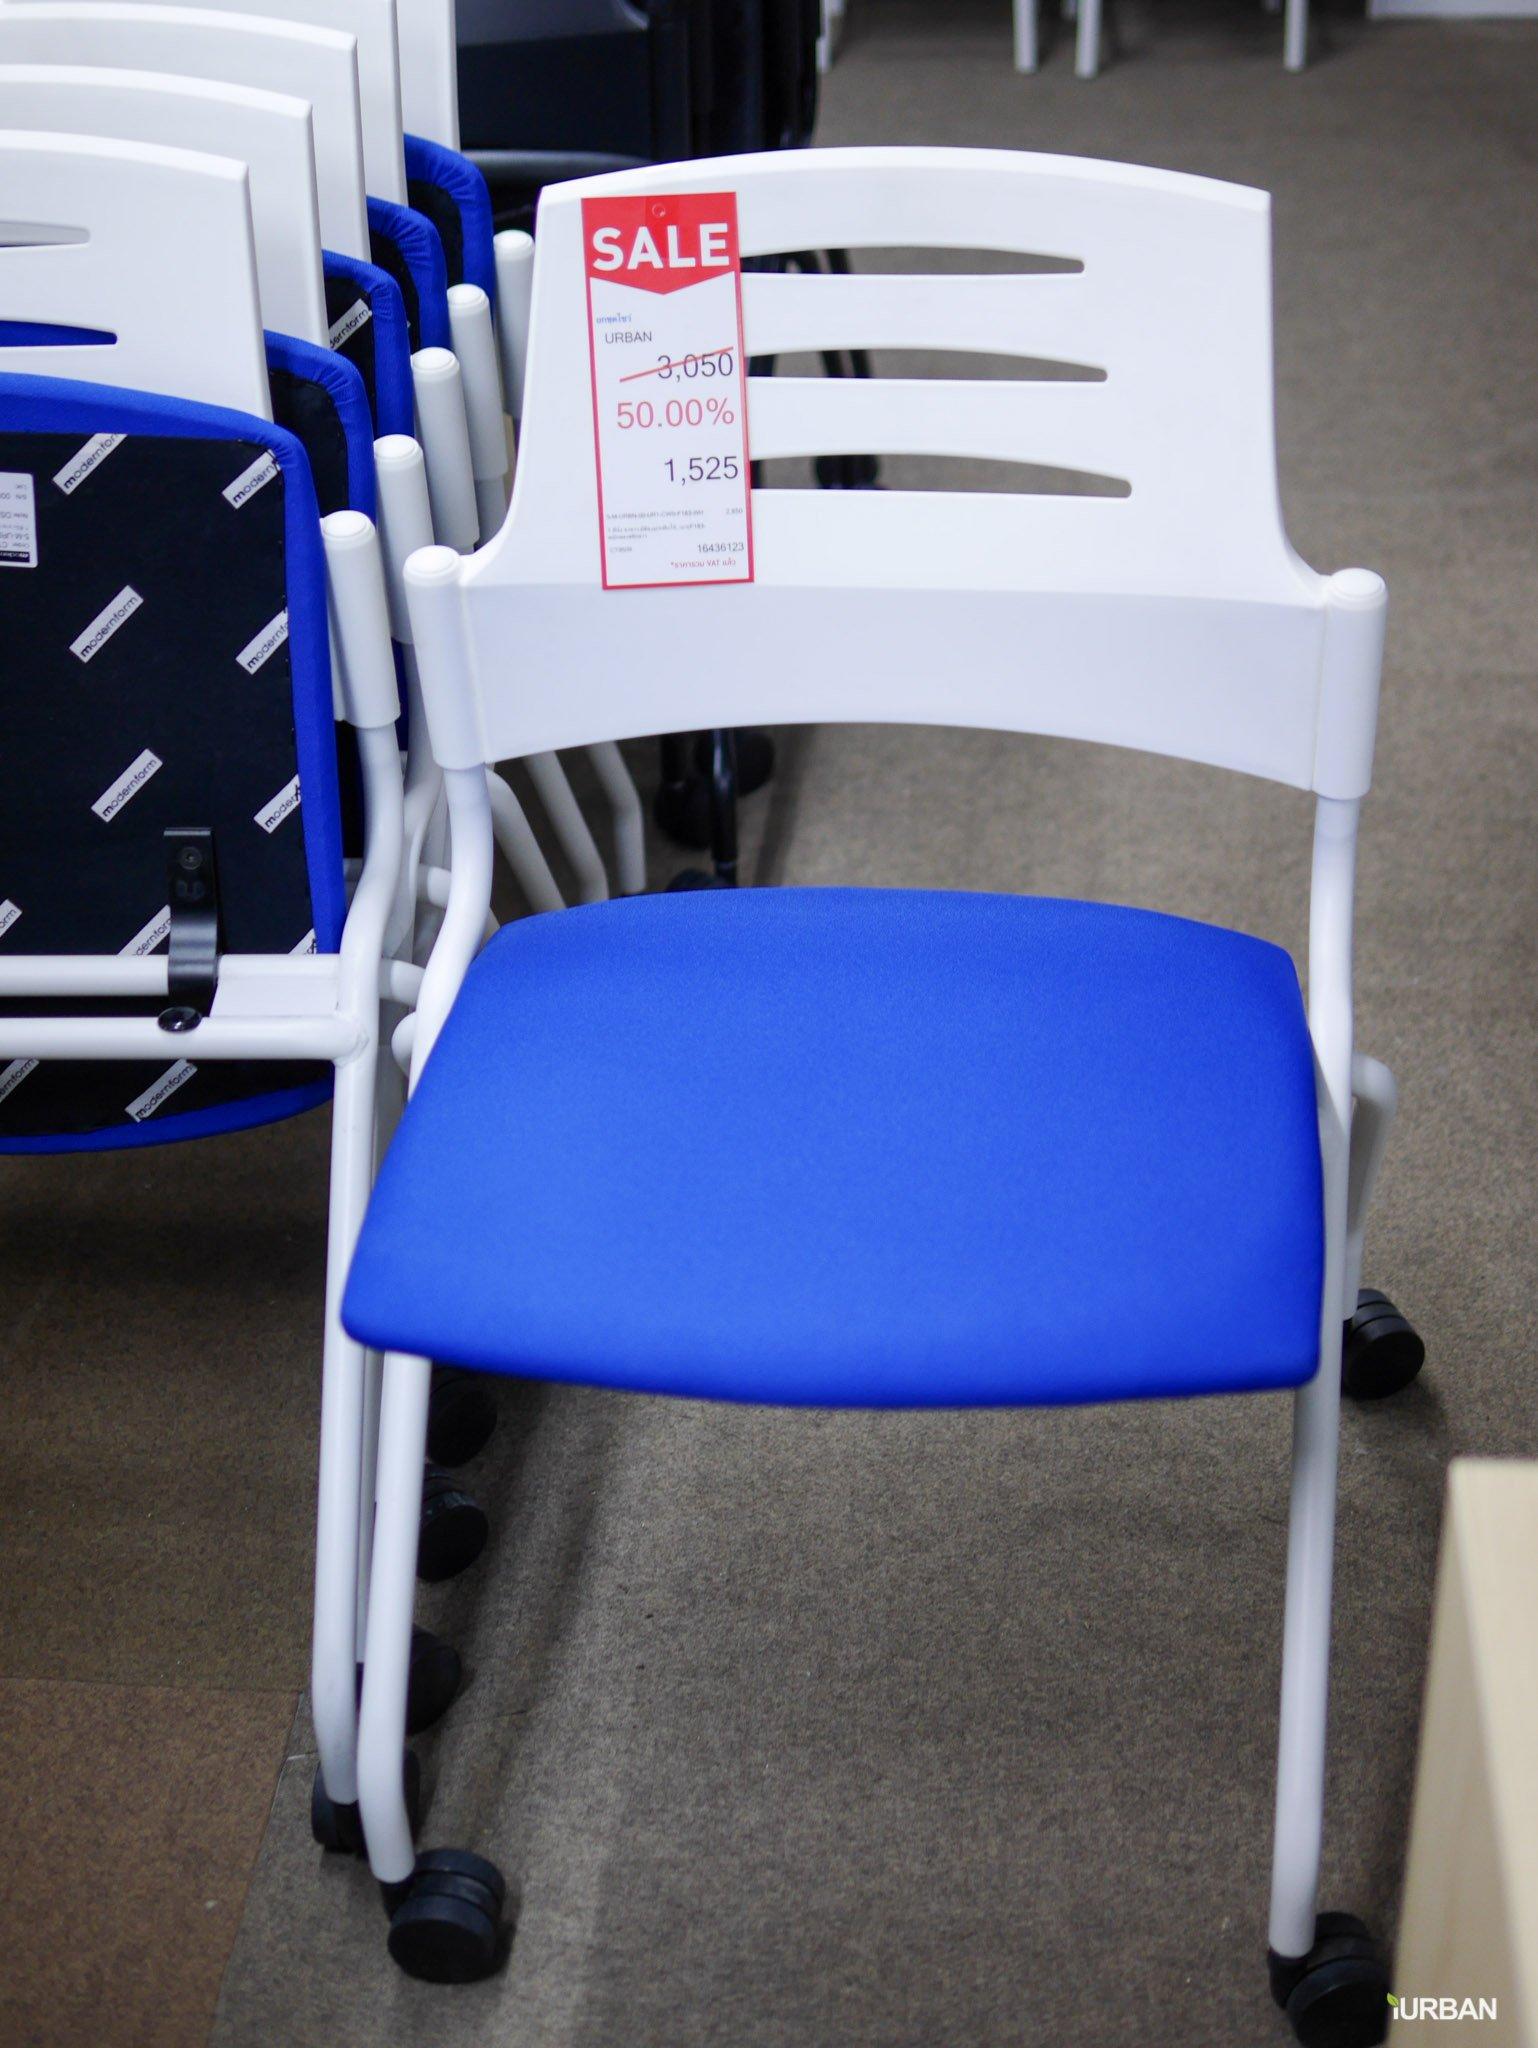 MODERNFORM THE ANNUAL SALE 2018 ลดทุกชิ้นสูงสุด 70% (10 วันเท่านั้น!) เก้าอี้ทำงานสวยเพื่อสุขภาพเพียบ!! 41 - Modernform (โมเดอร์นฟอร์ม)